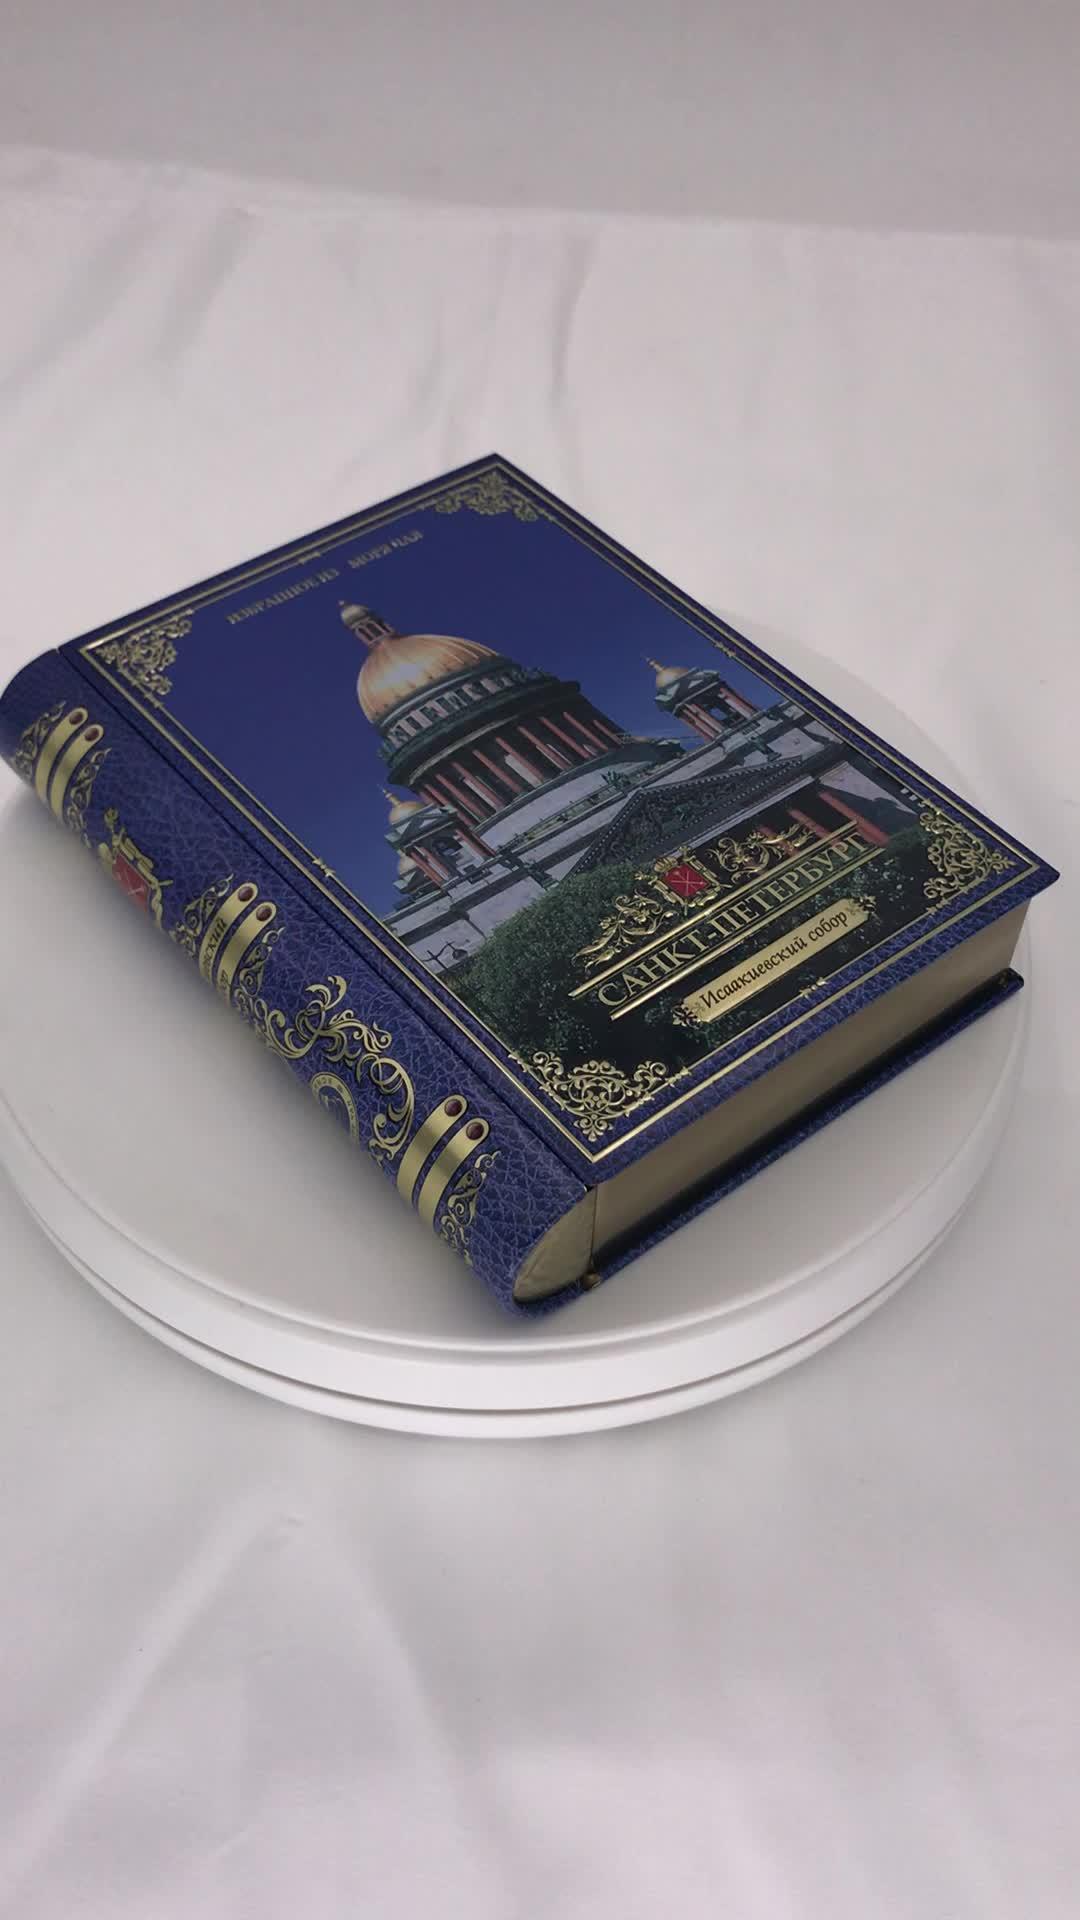 厂家马口铁书本盒定制 中号书型铁盒包装 精美铁质书本盒生产厂家